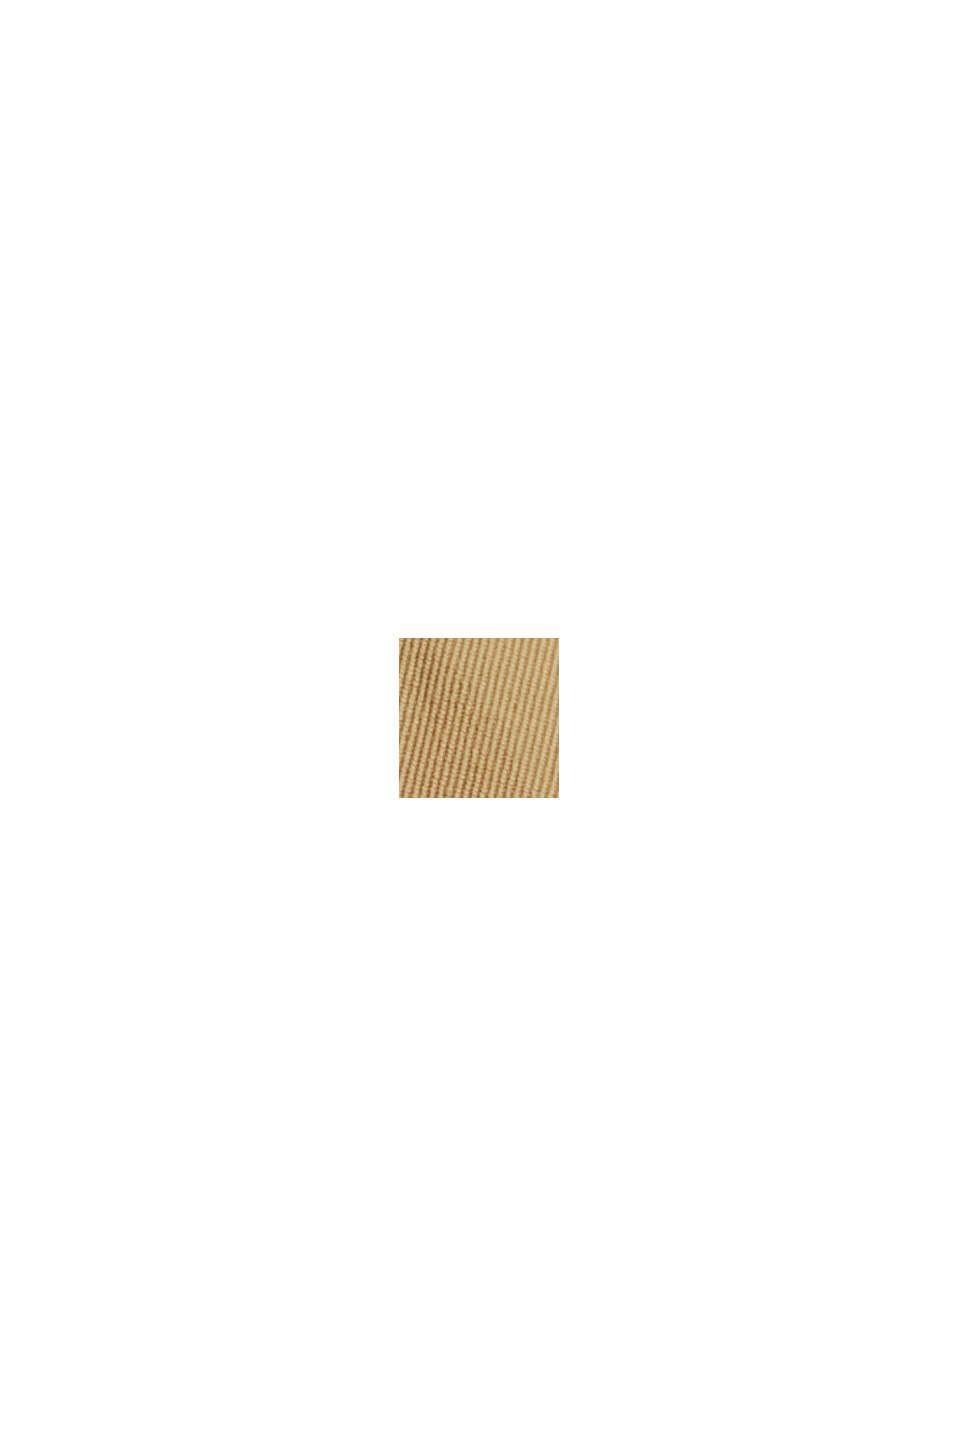 Chino à taille élastique en coton biologique mélangé, BEIGE, swatch